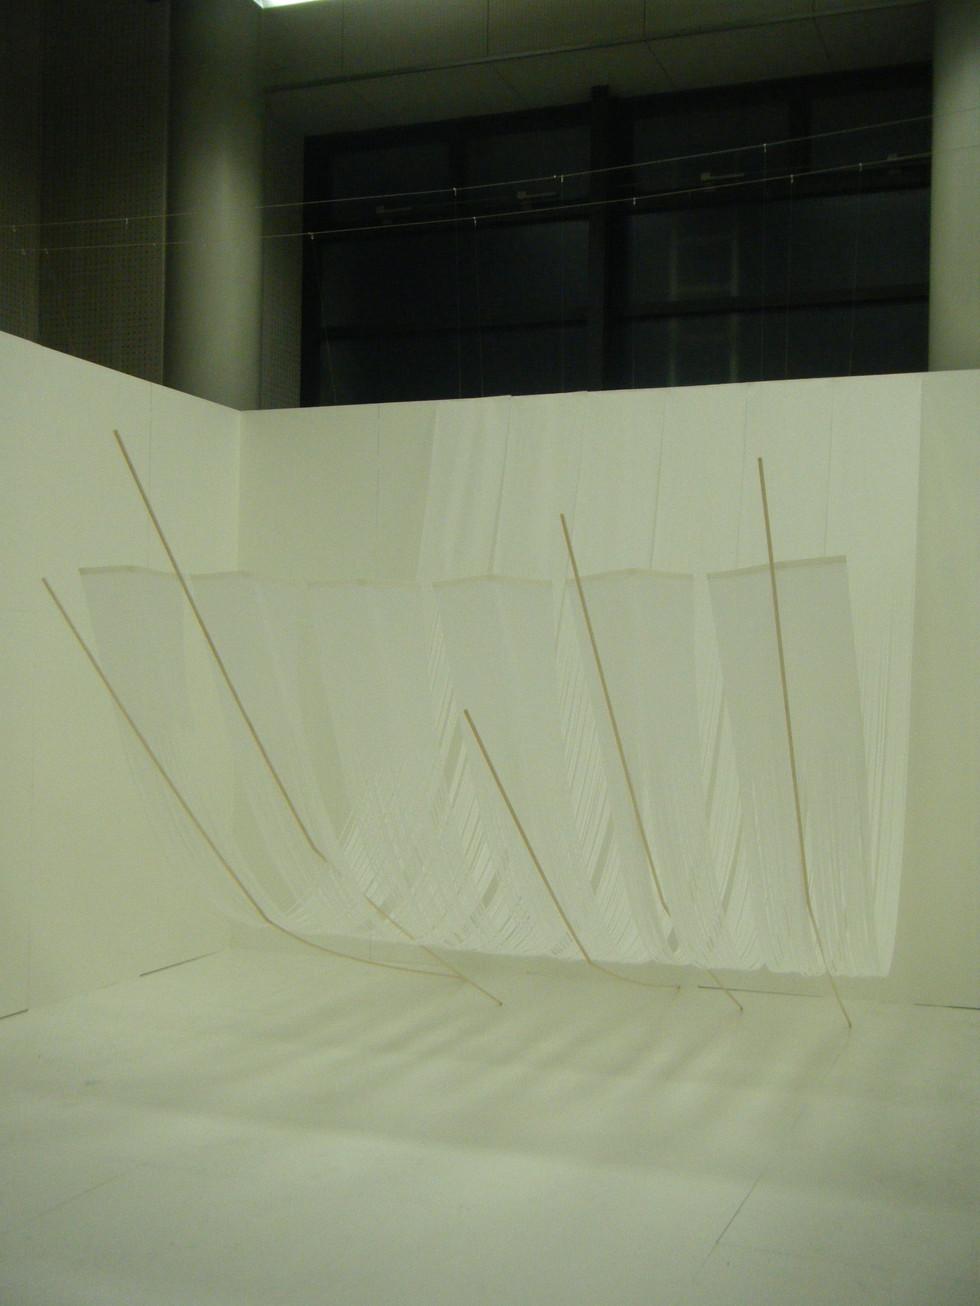 2010-11-08~11-12 018.JPG